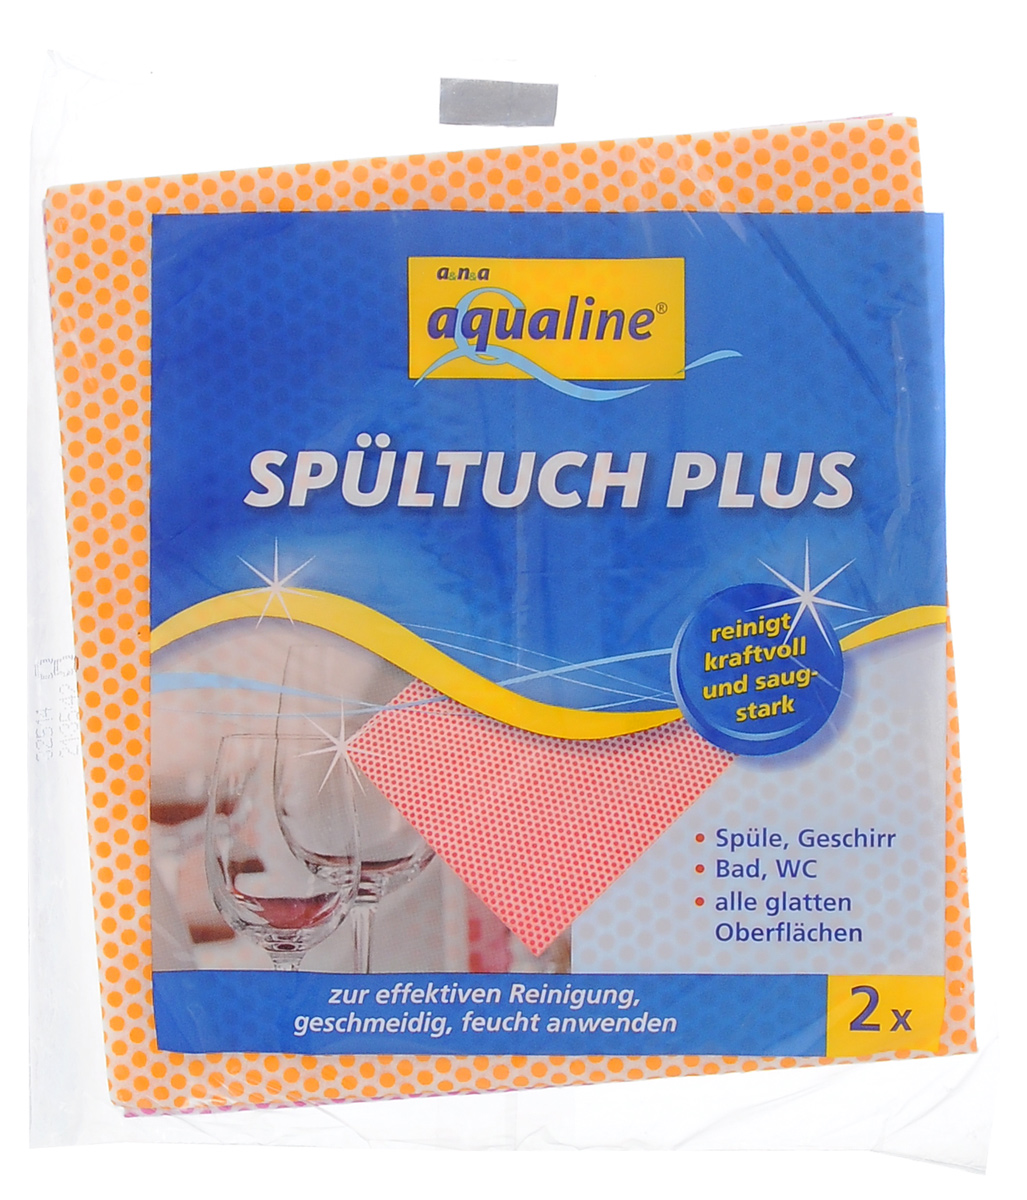 Салфетка Aqualine Plus для посуды и домашнего хозяйства, цвет: оранжевый, малиновый, 35 х 38 см, 2 шт2058_оранжевый, малиновыйМягкая салфетка Aqualine Plus обладает высокими чистящими свойствами за счет специальных точек, которые находятся на поверхности ткани. Она прекрасно подходит как для мытья посуды, так и для уборки поверхностей на кухне и в ванной комнате. Благодаря рифленой структуре салфетка удаляет даже самые сильные загрязнения, хорошо впитывая жидкость, не оставляя ворсинок.Состав: 82% вискоза, 18% полипропилен.